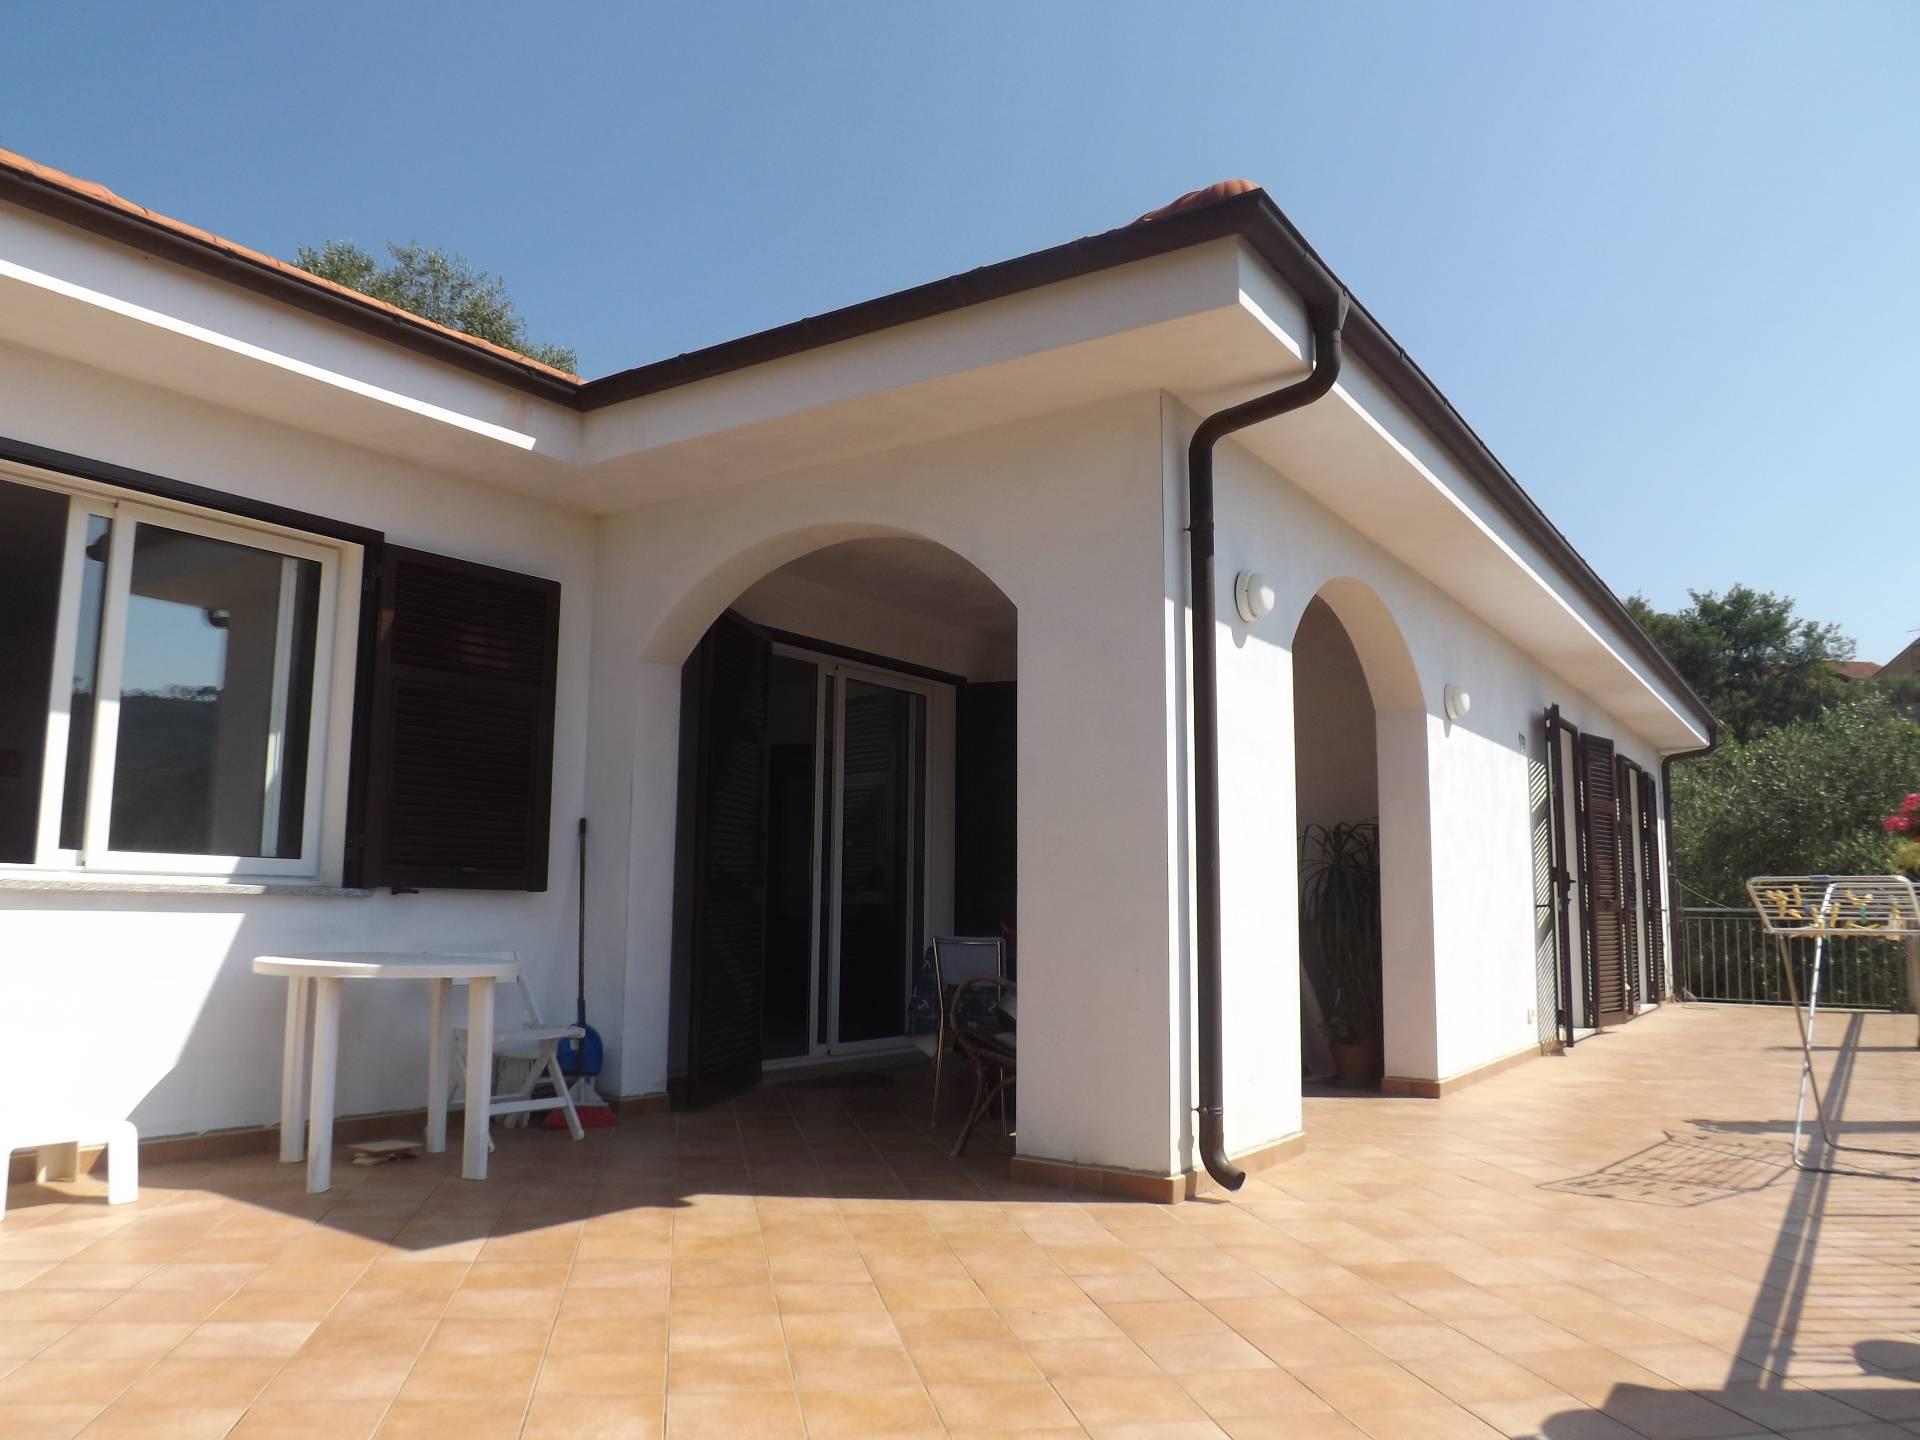 Villa in vendita a Andora, 4 locali, zona Località: SanBartolomeo, prezzo € 450.000   Cambio Casa.it